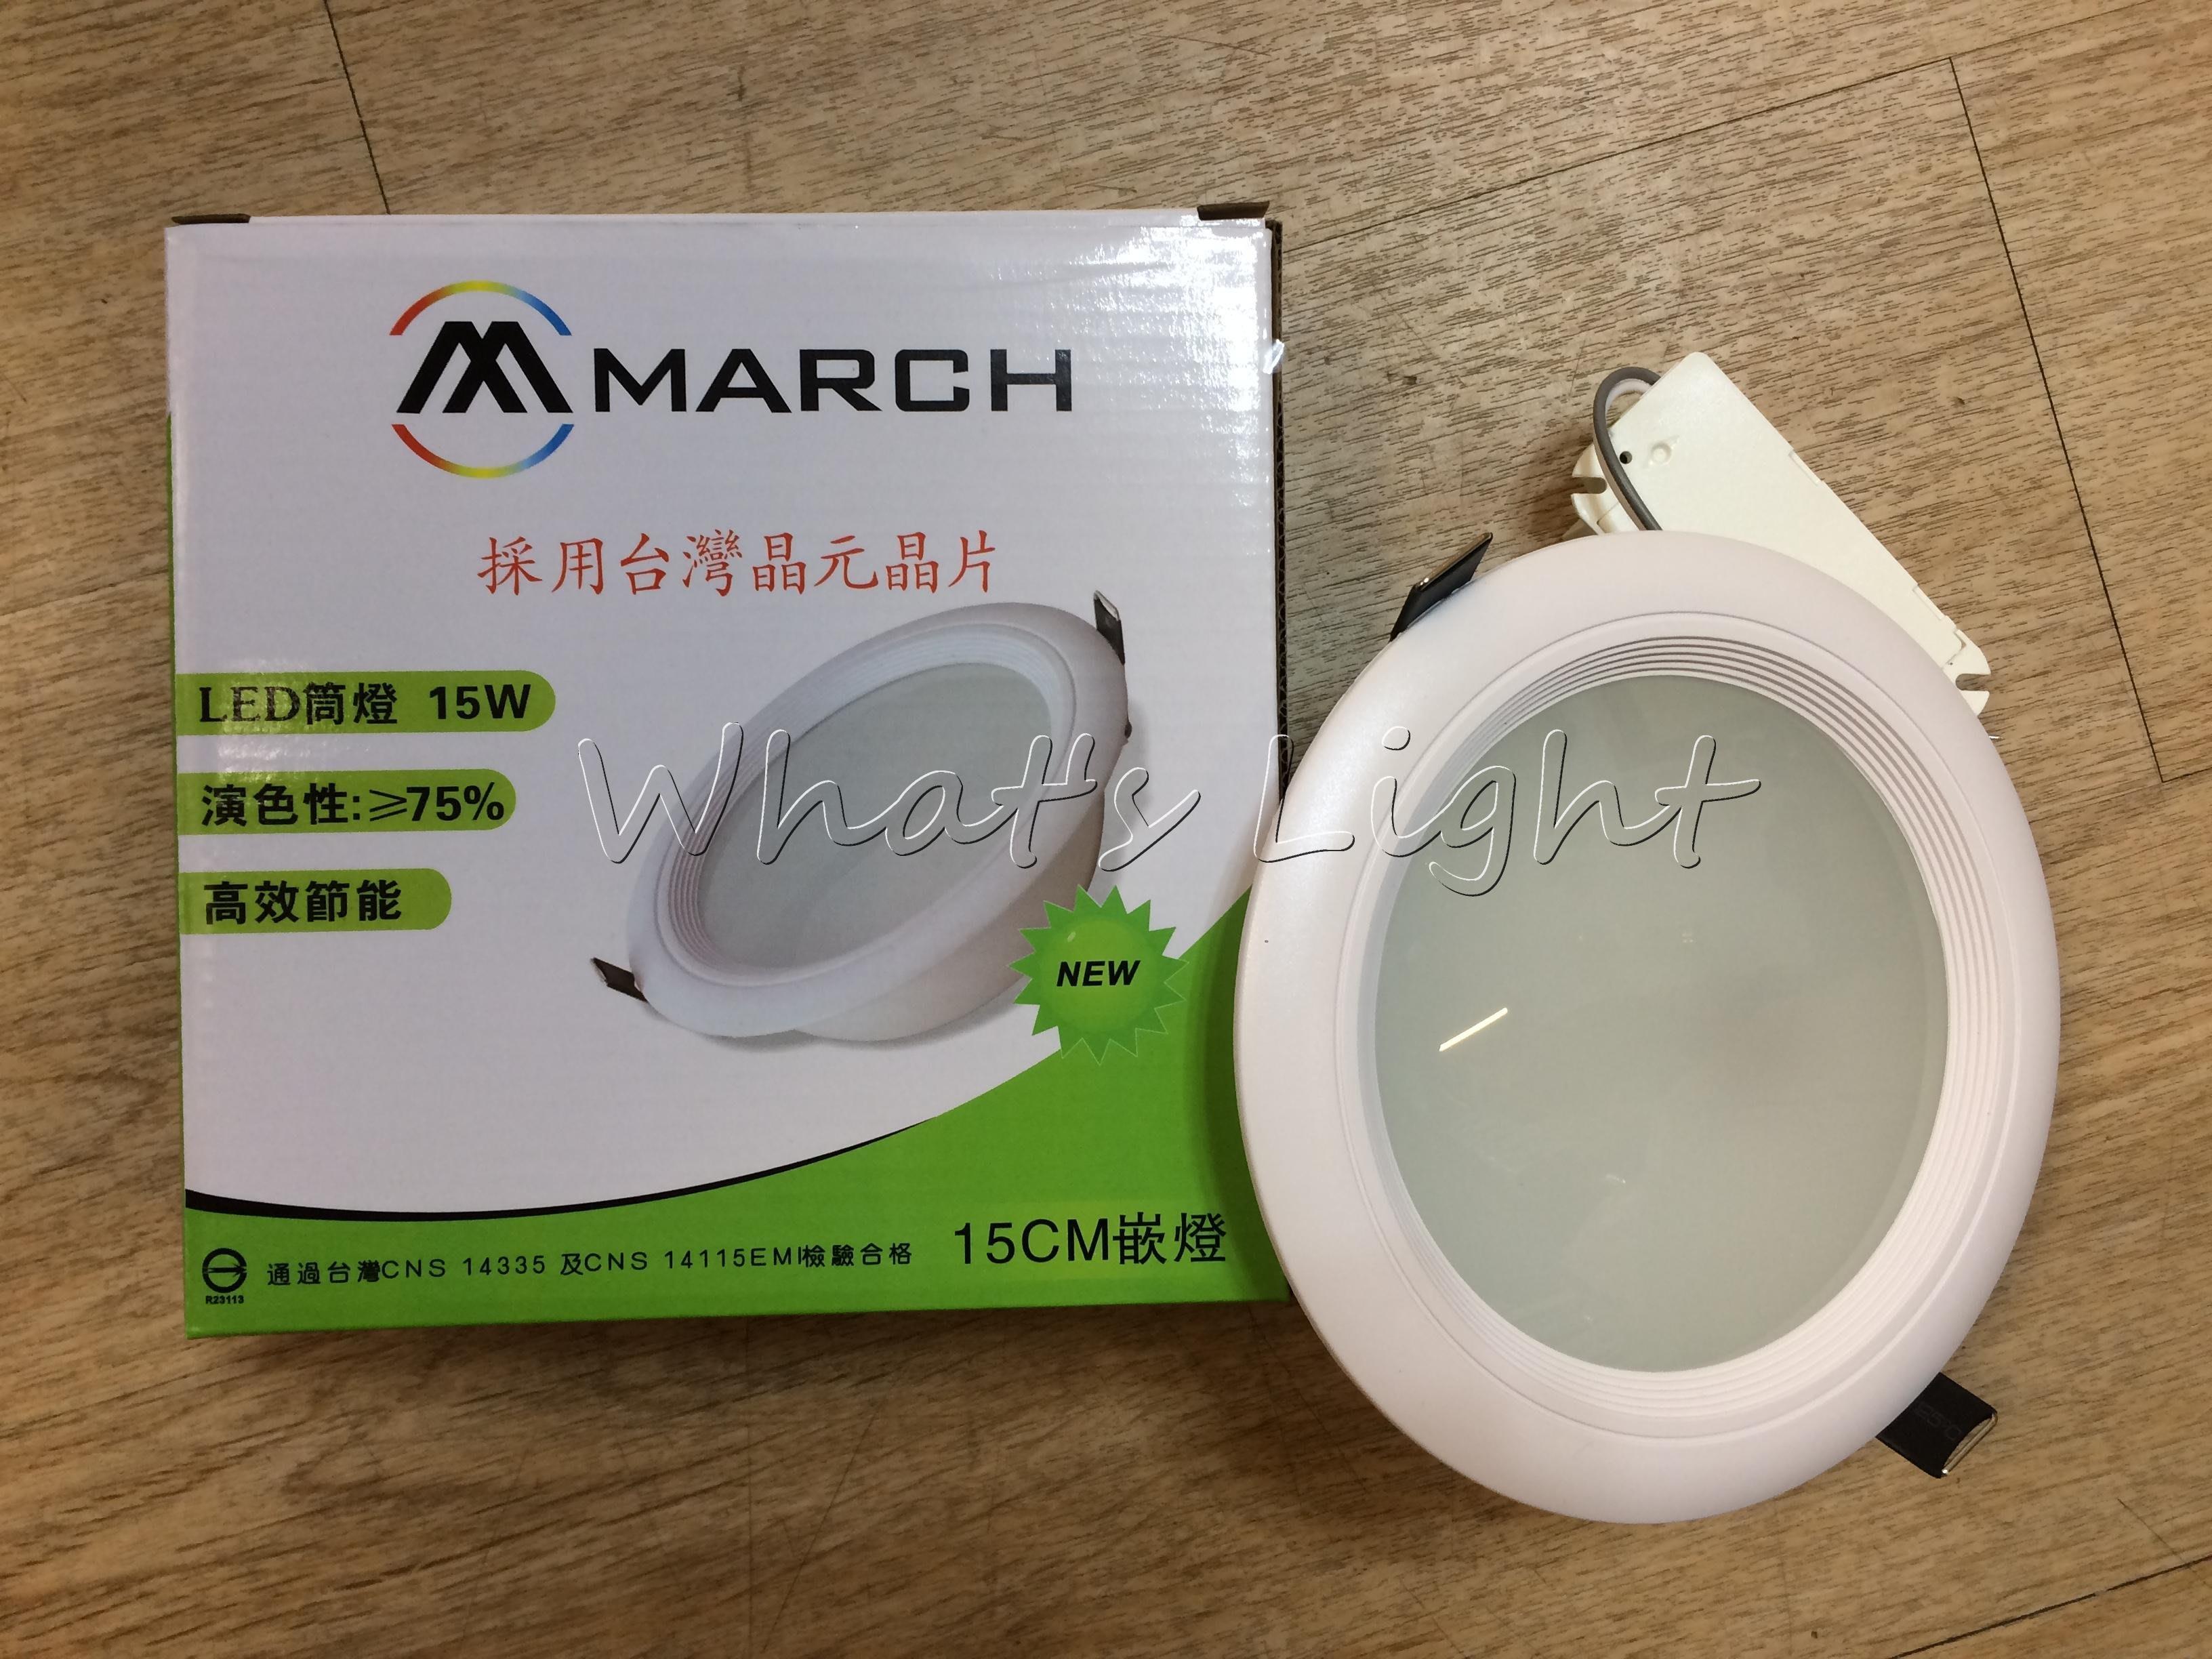 划得來LED燈飾~高亮版 MARCH 15W  4000K自然色 LED崁燈 崁入孔15CM LED崁燈 另有黃光/白光